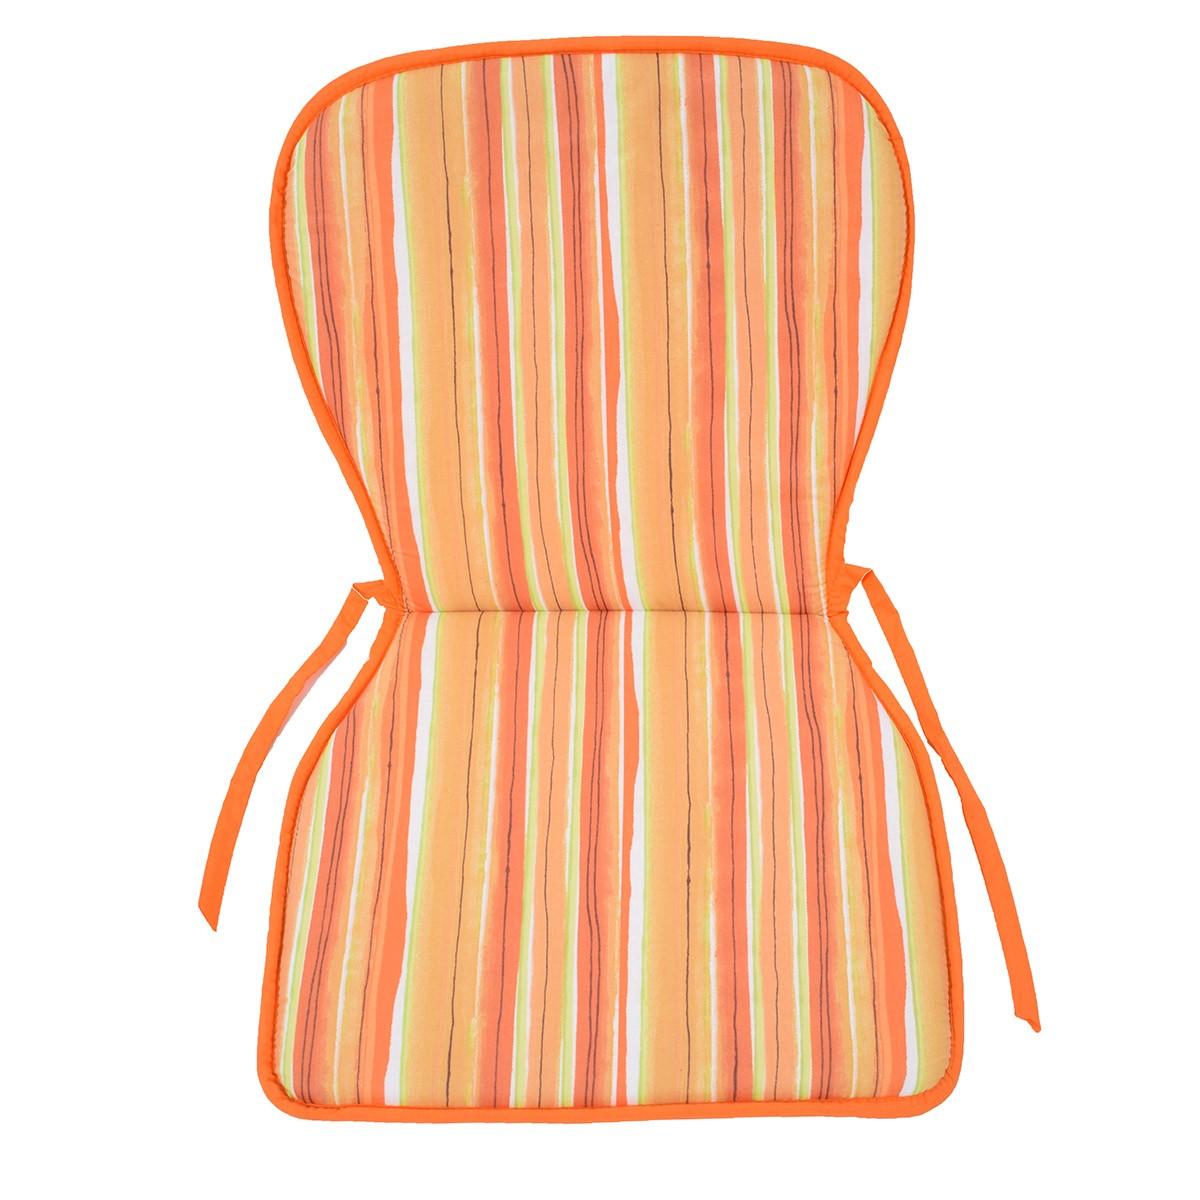 Μαξιλάρι Καρέκλας Κιθάρα 2 Όψεων Fratoni DobleCara Orange home   κουζίνα   τραπεζαρία   μαξιλάρια καρέκλας